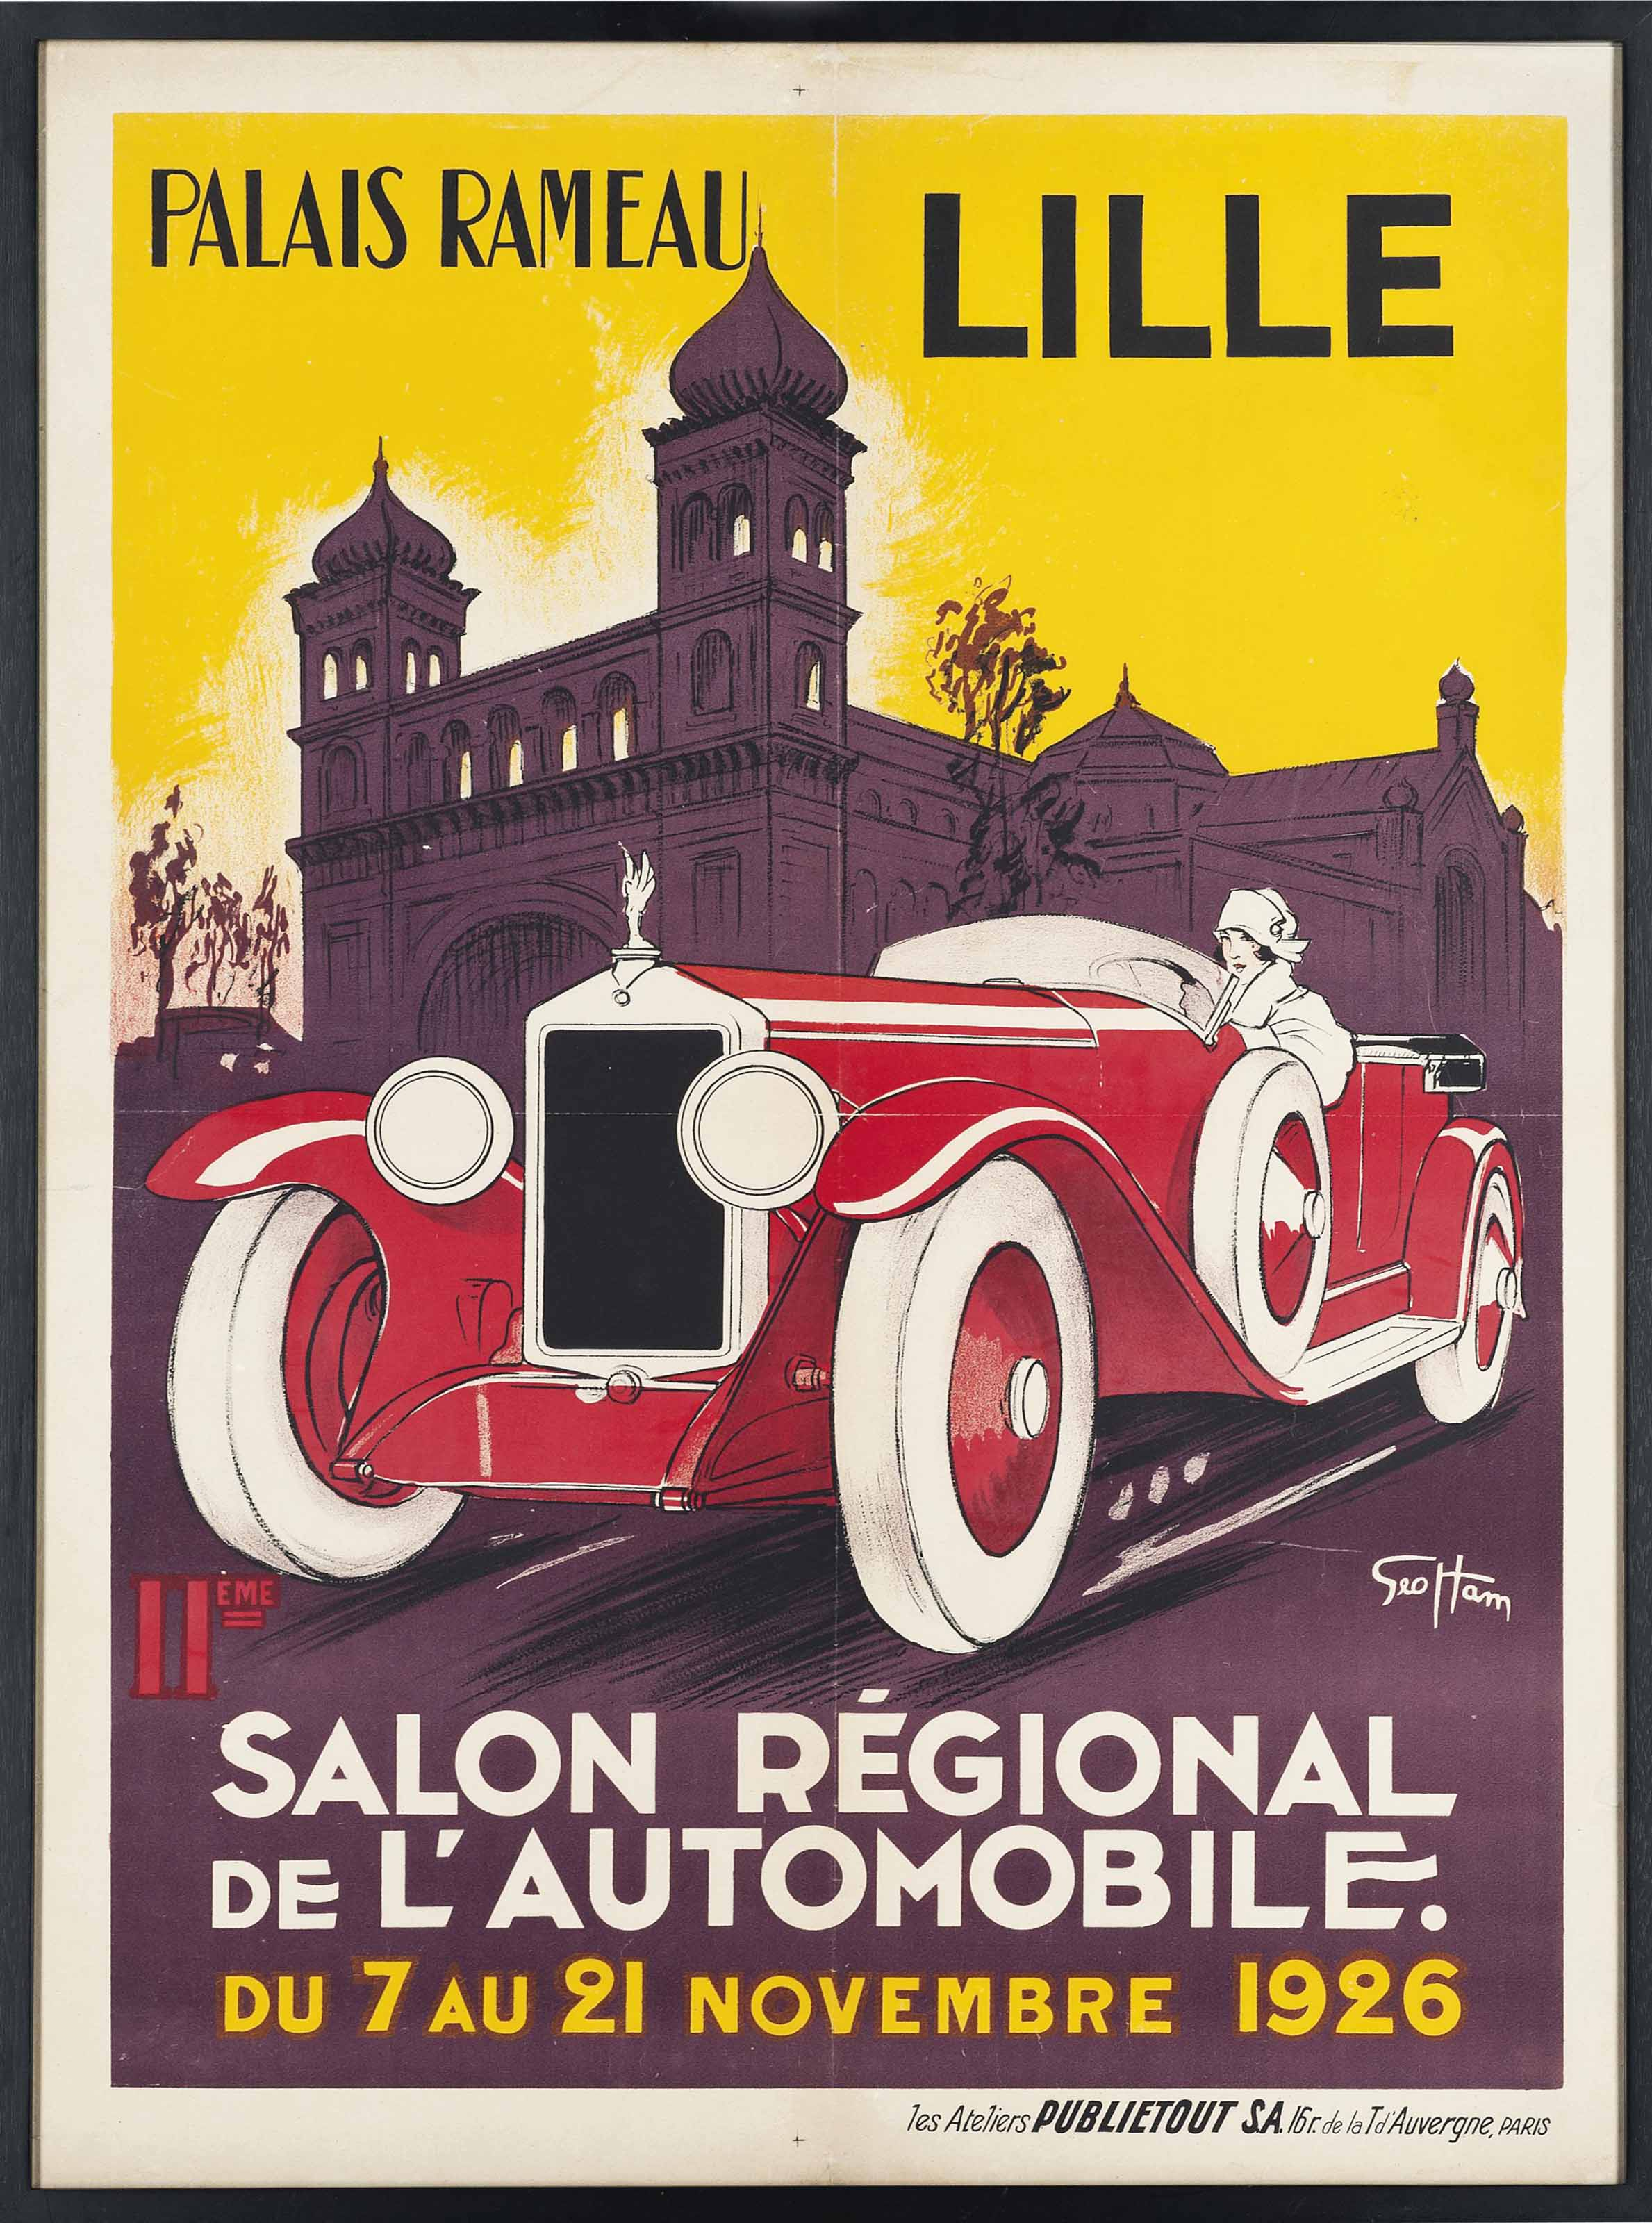 11ème Salon Régional De L'Automobile, Lille 1926